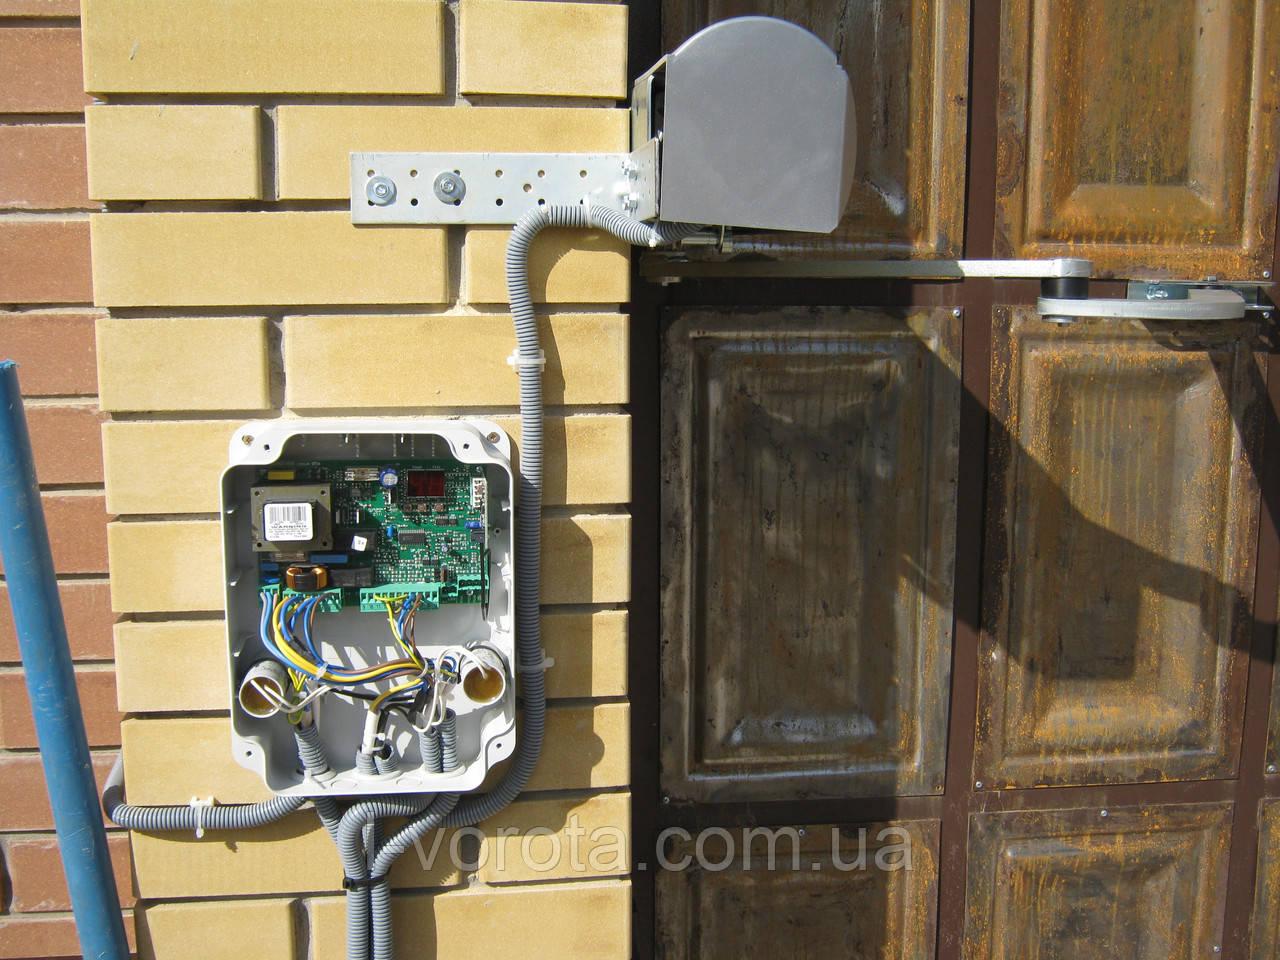 Сервисное обслуживание автоматики для ворот фото